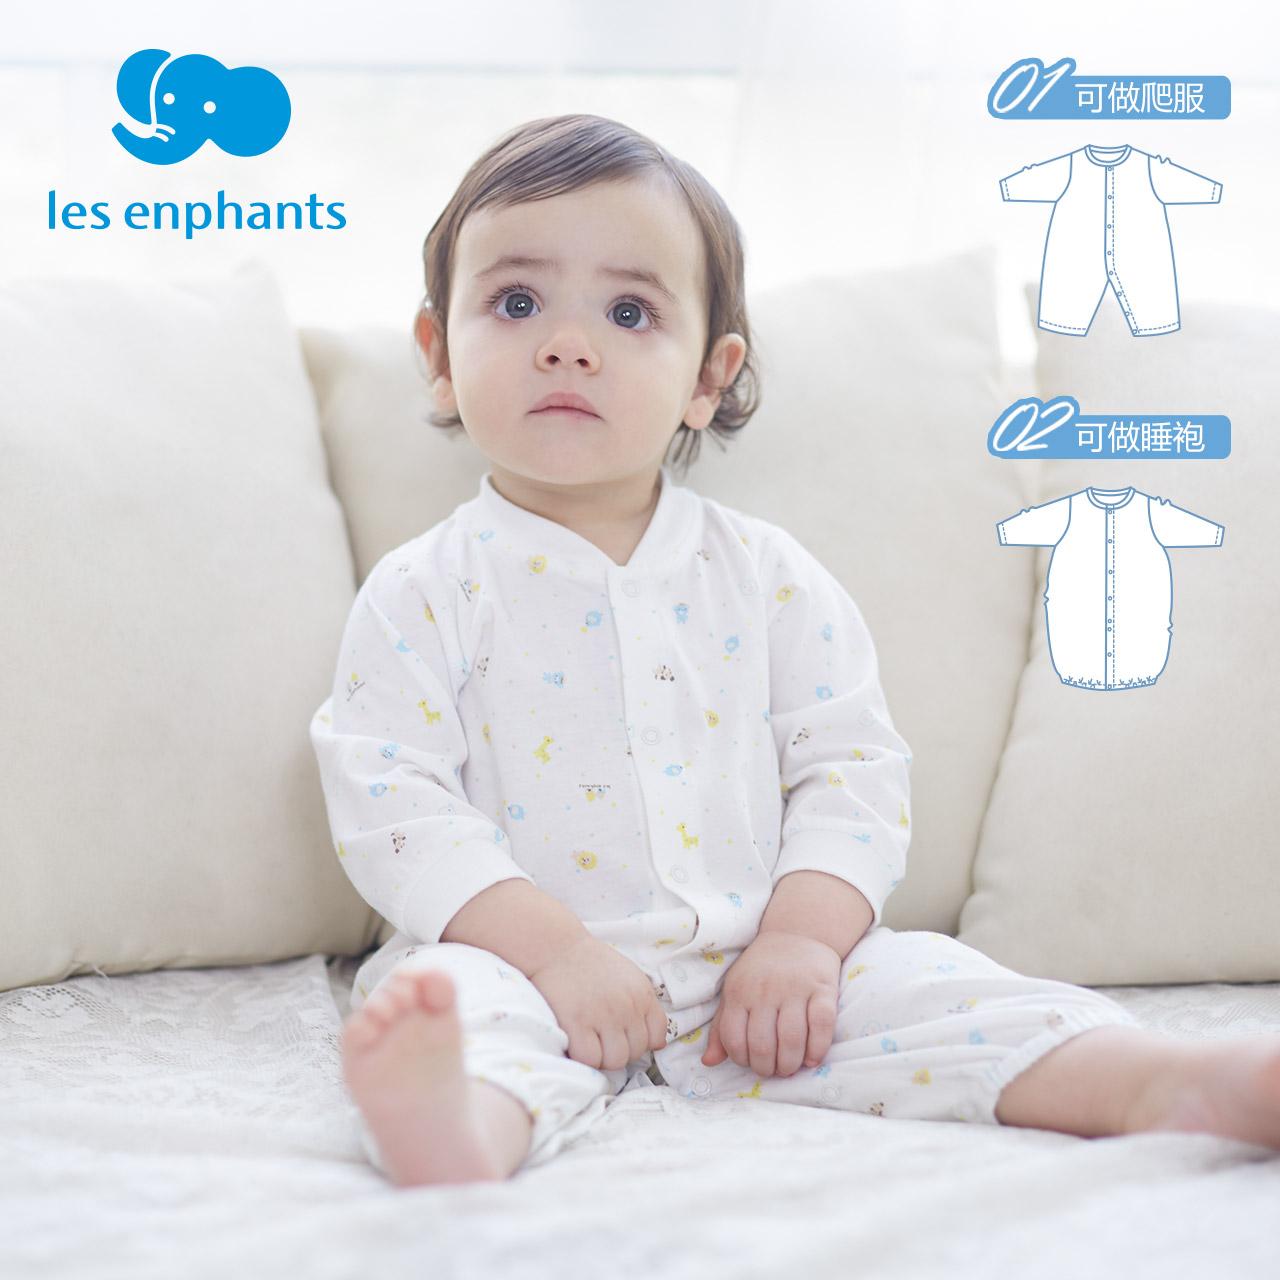 麗嬰房嬰兒衣服男女寶寶哈衣純棉爬服可兩穿連身裝內衣2019夏薄款